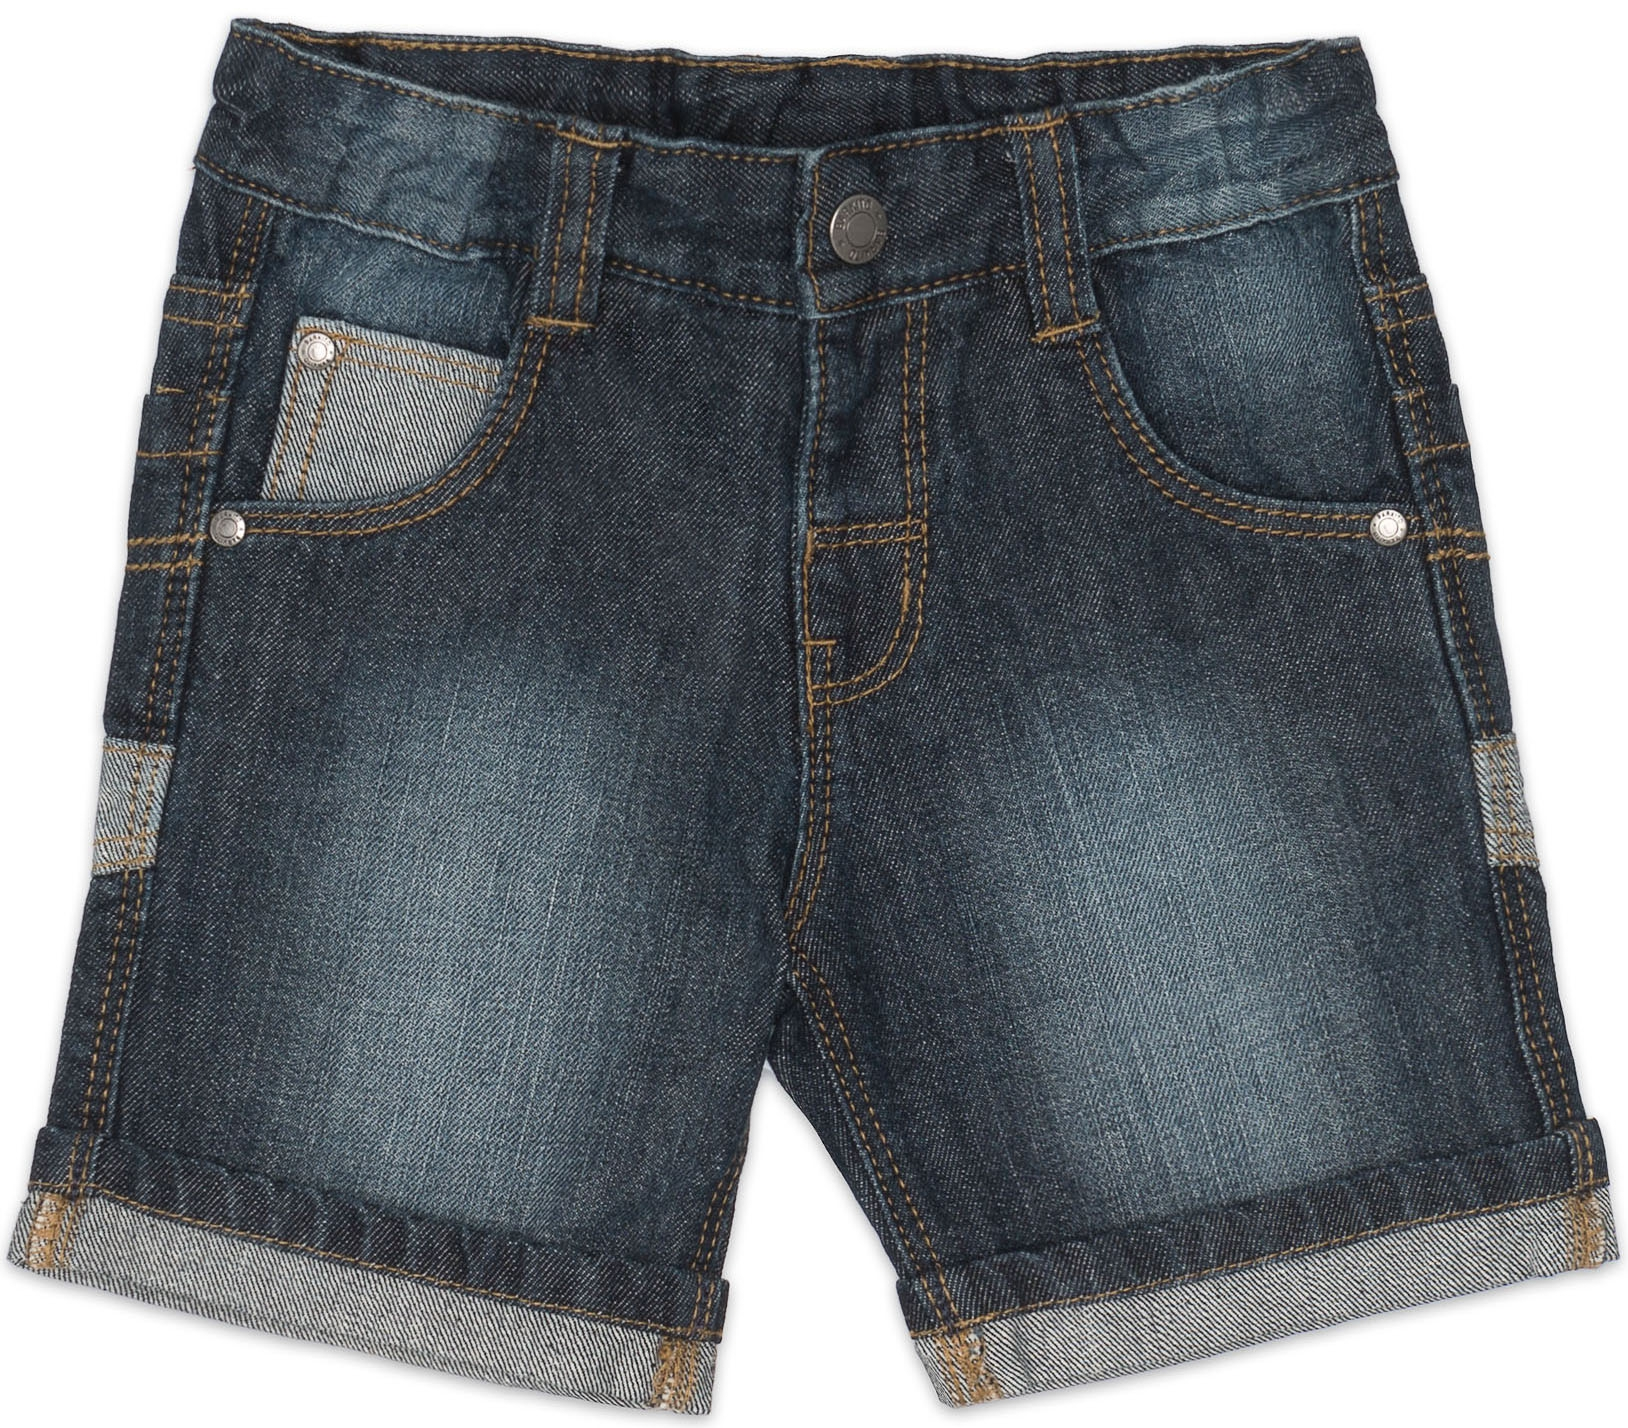 Шорты Barkito Шорты джинсовые для мальчика Barkito Динозаврики, синие шорты barkito шорты джинсовые для мальчика barkito супергерой голубые